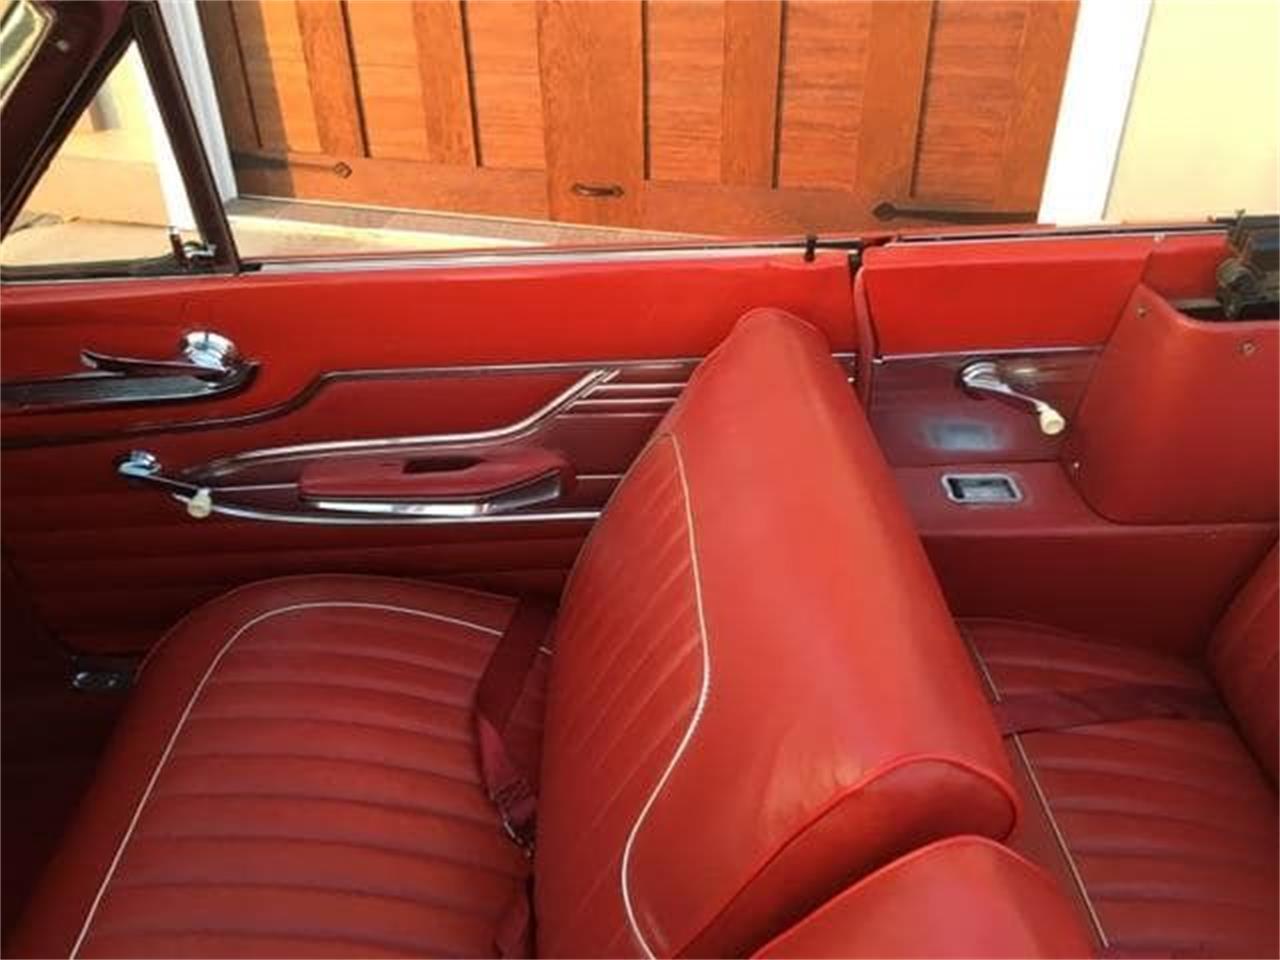 Large Picture of 1963 Ford Falcon Futura - $24,900.00 - LUN9